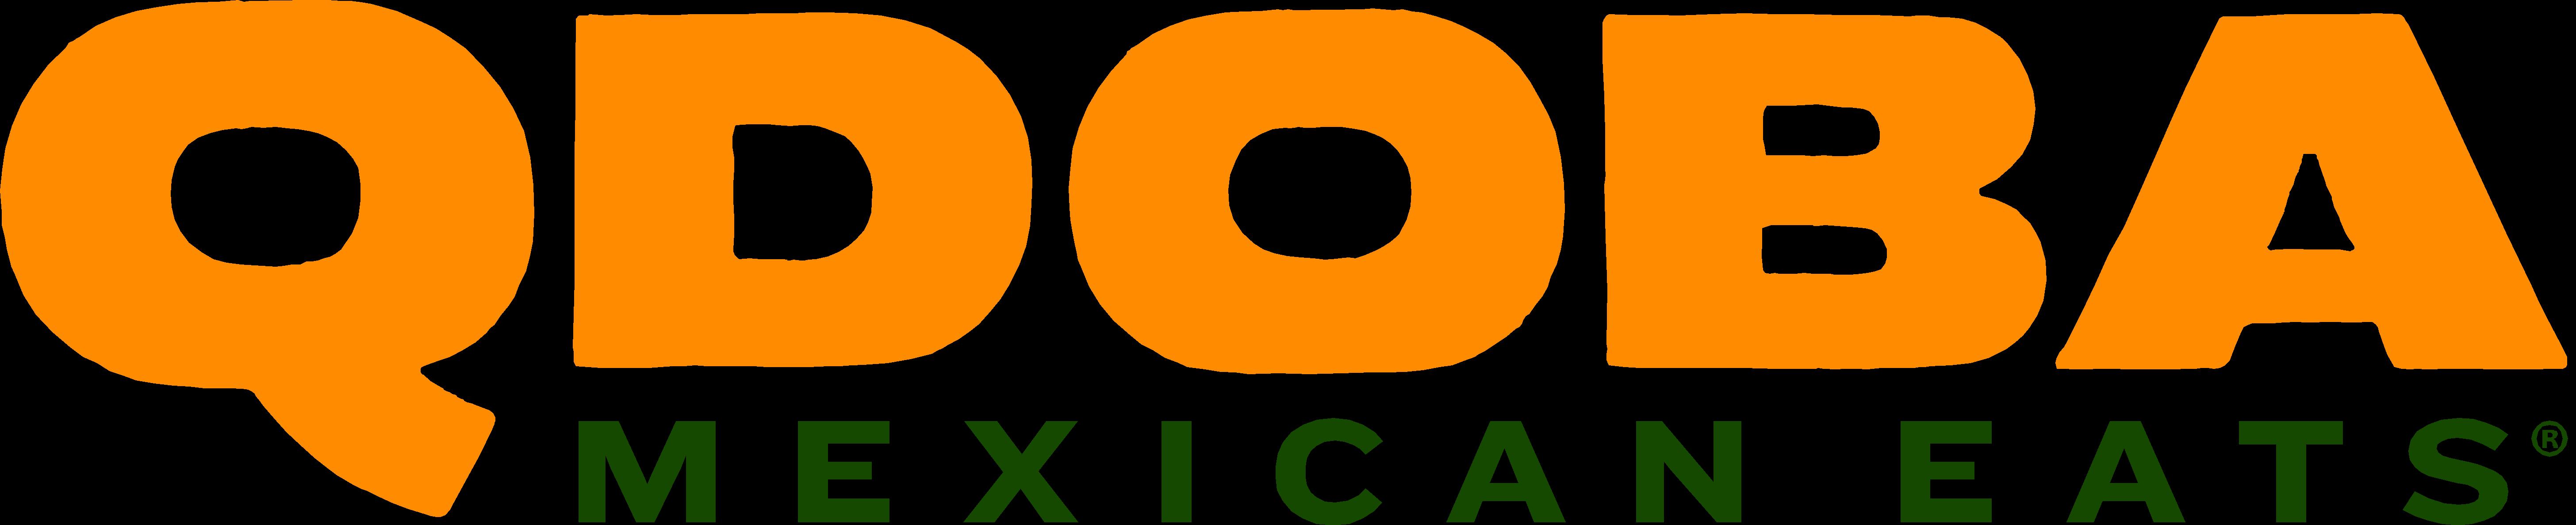 Qdoba Mexican Eats Enroll In Qdoba Rewards By 11 20